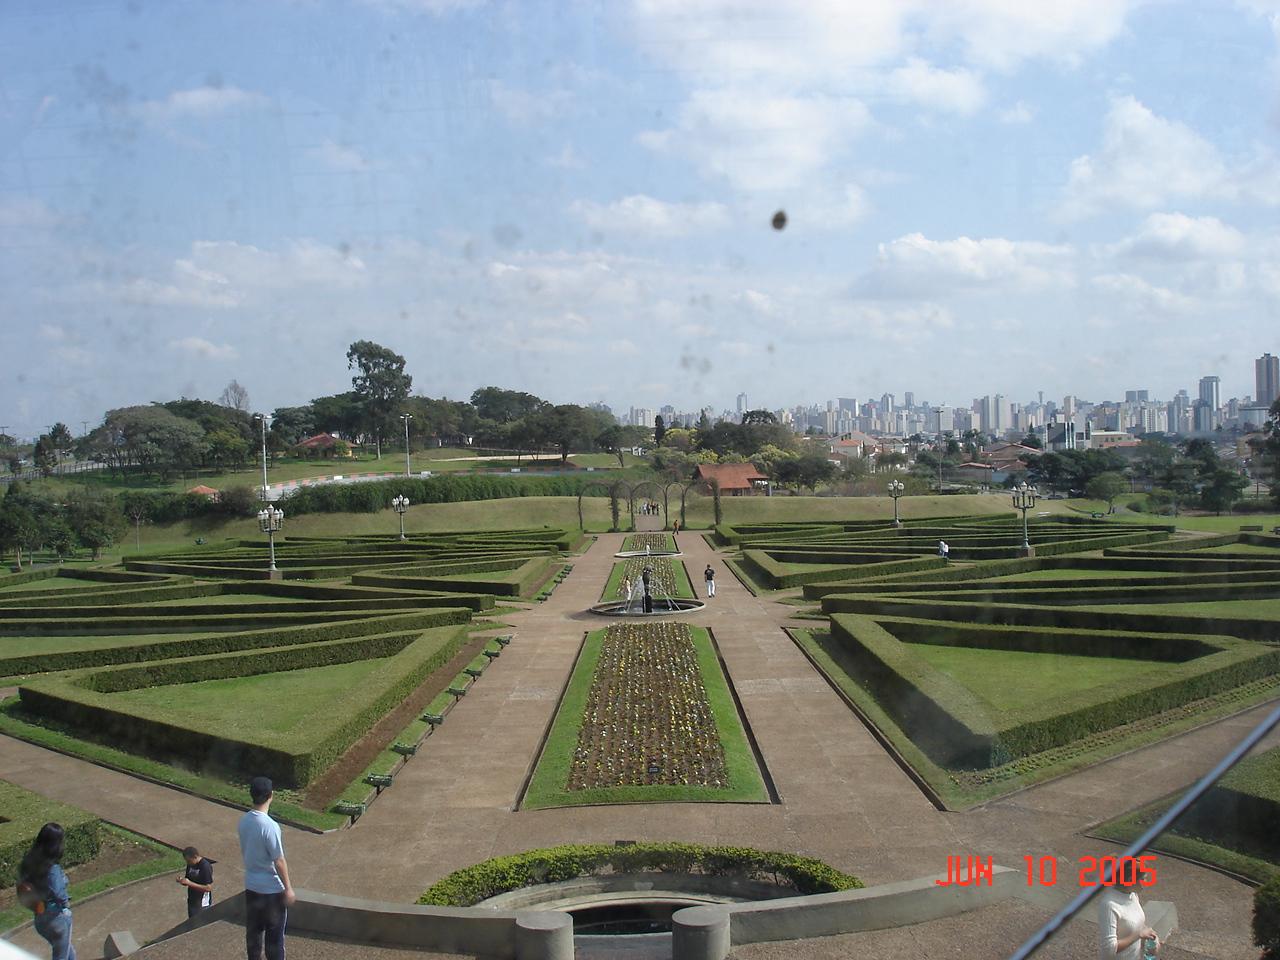 Vista do interior da estufa - Jardim Botânico de Curitiba